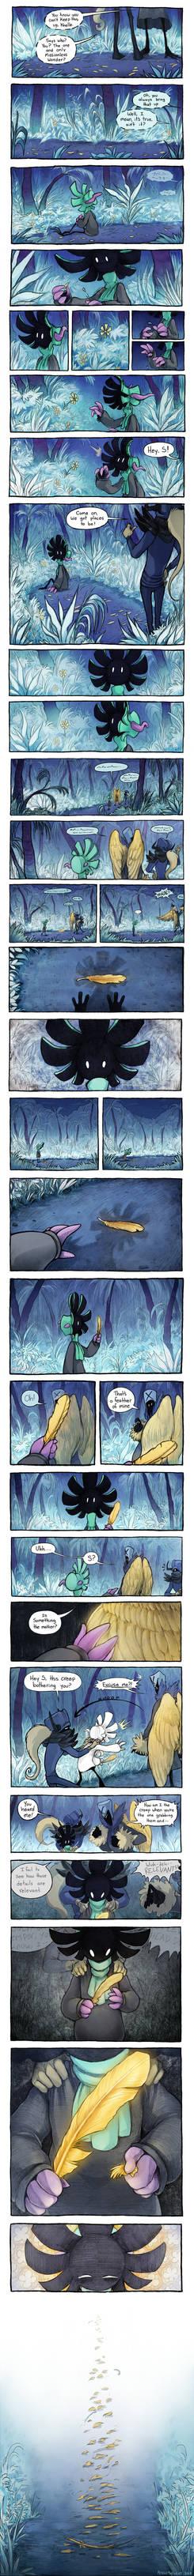 pluck comic